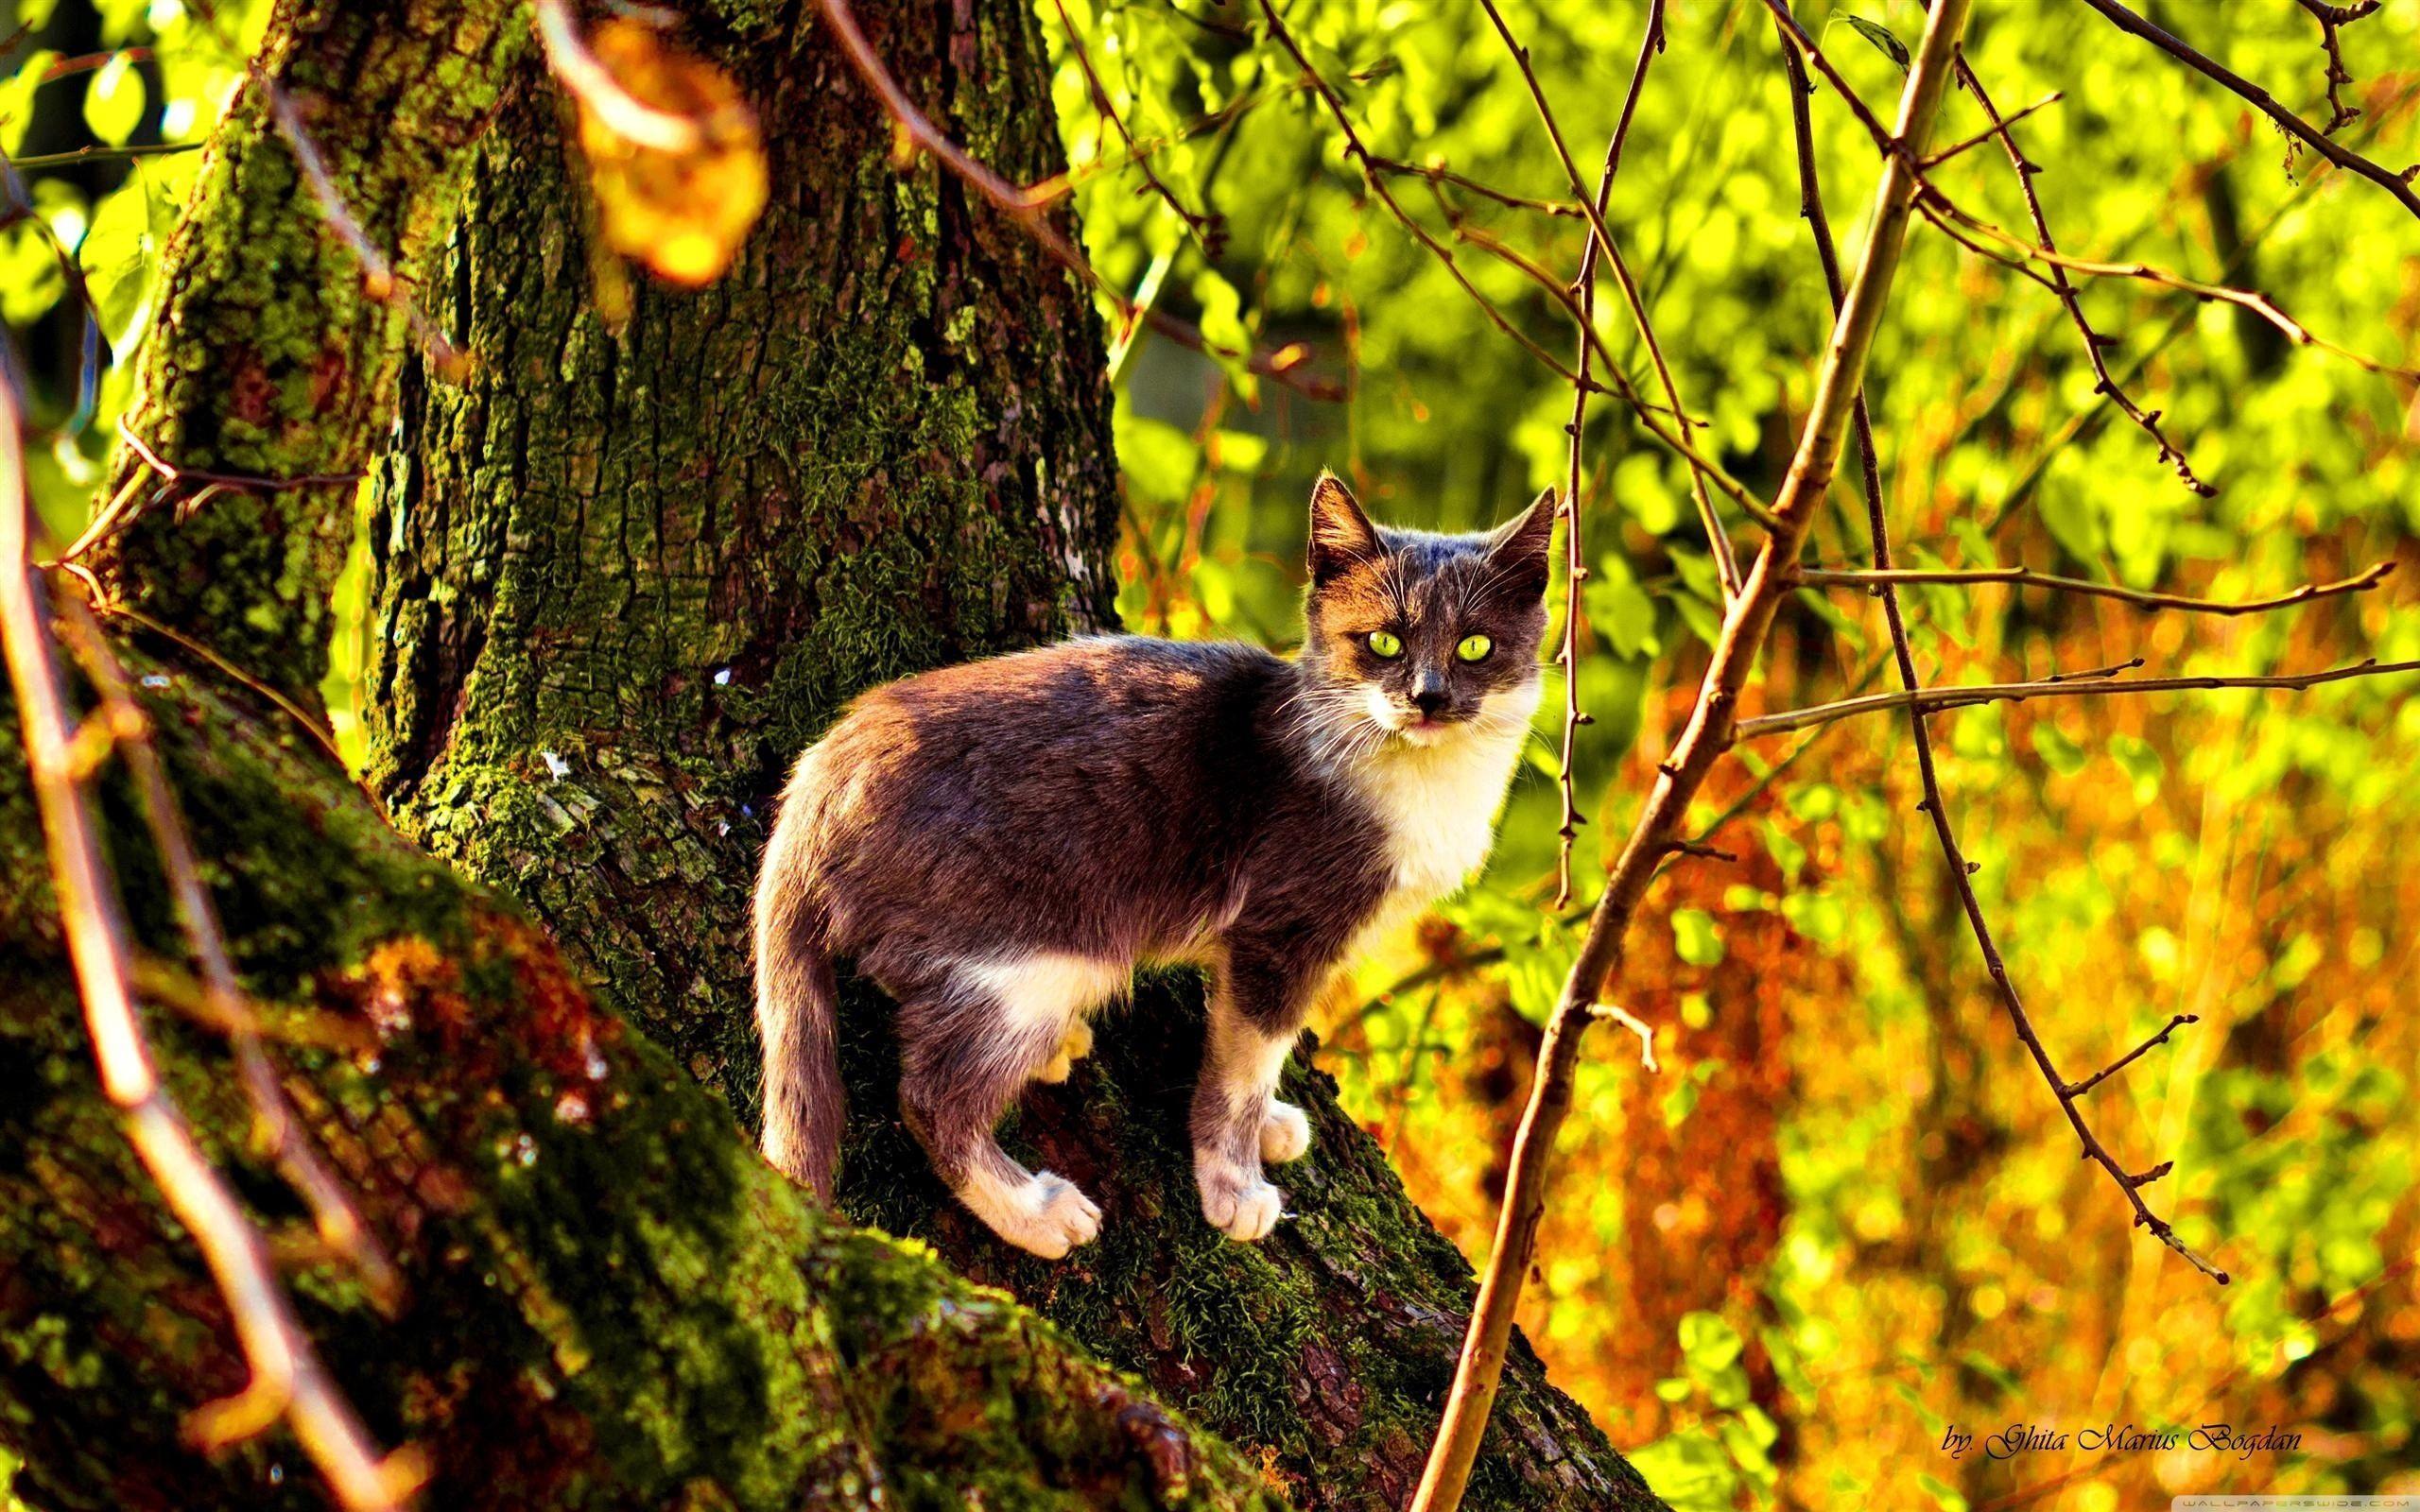 123304 скачать обои Животные, Кот, Дерево, Лазать, Окрас, Осень - заставки и картинки бесплатно